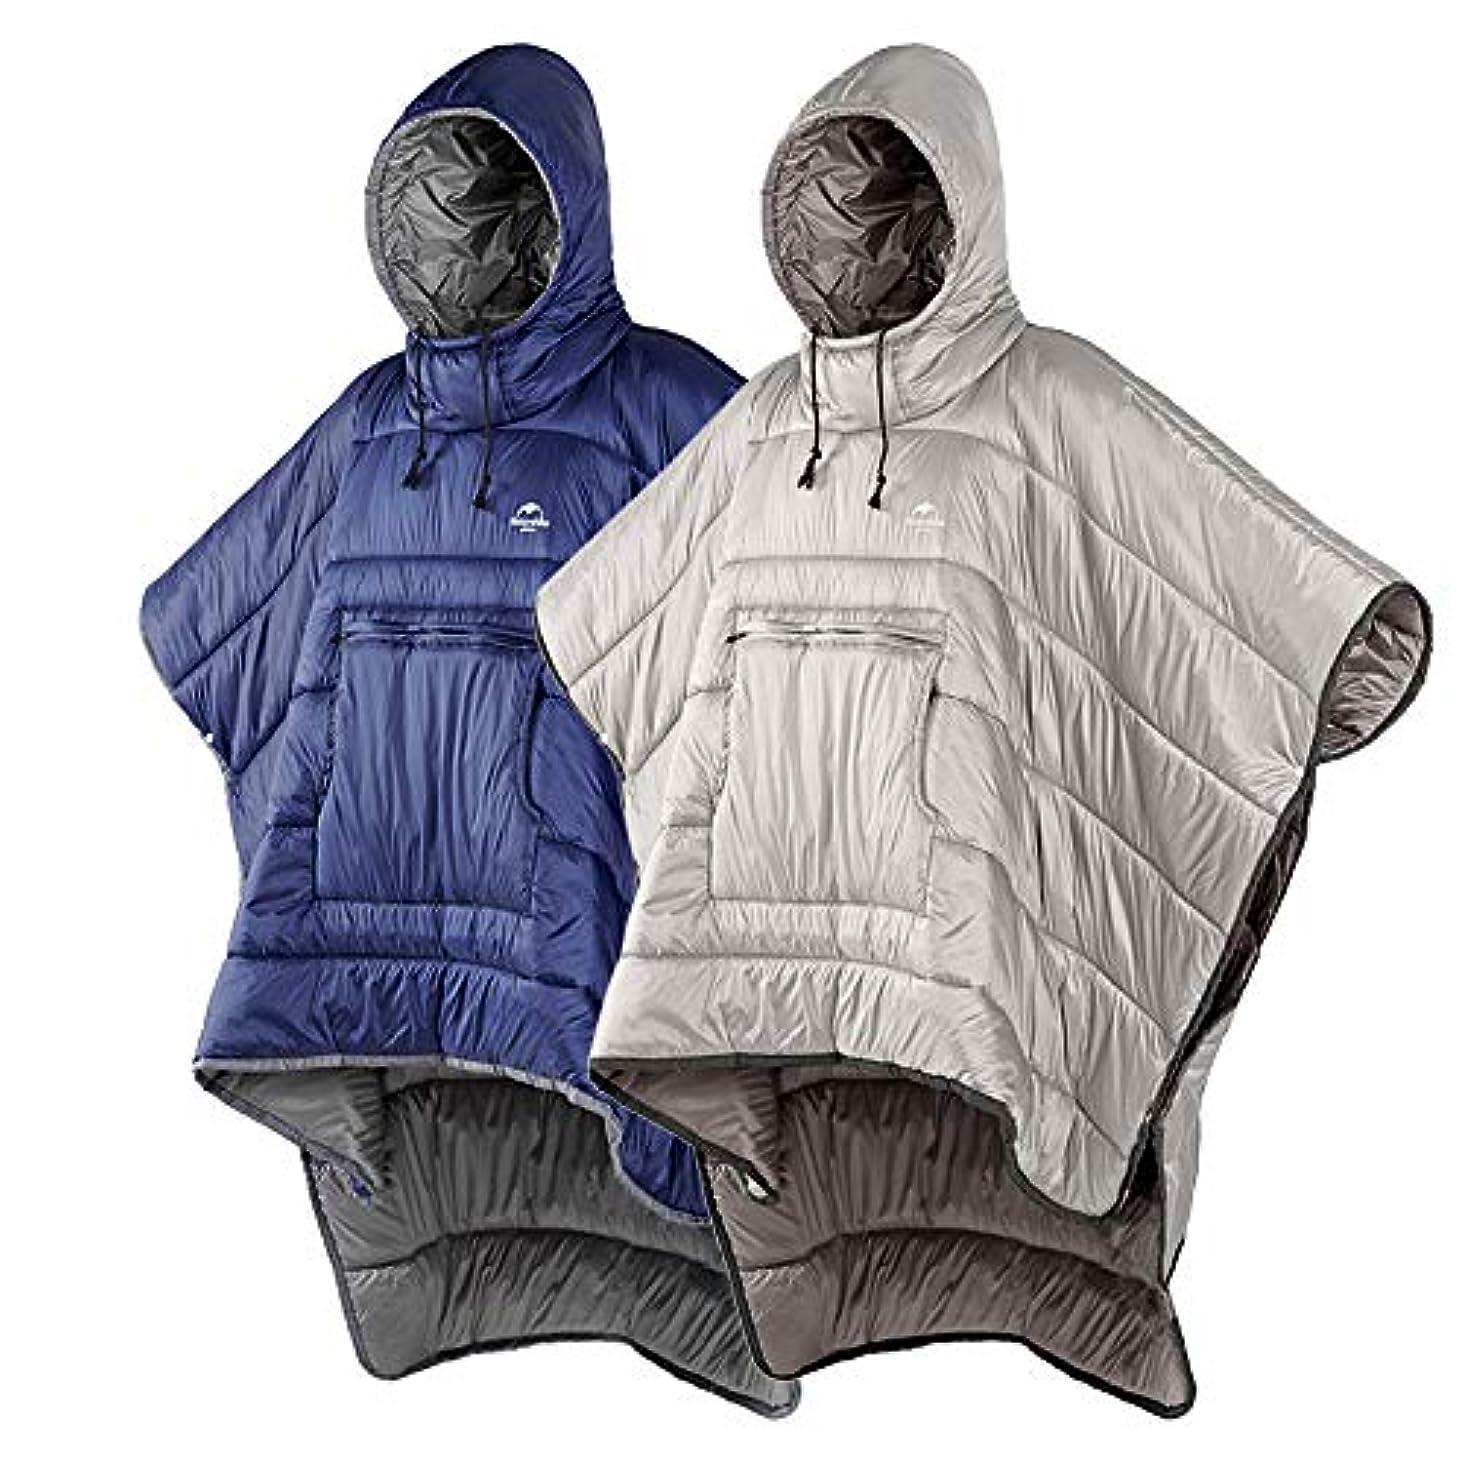 超えてミンチ指導するLixada 寝袋 マント 防水 防風 怠け者のふとん レインコート形状 暖かいキャンプマント 持ち運びに便利 冬用 男女兼用 屋外屋内用